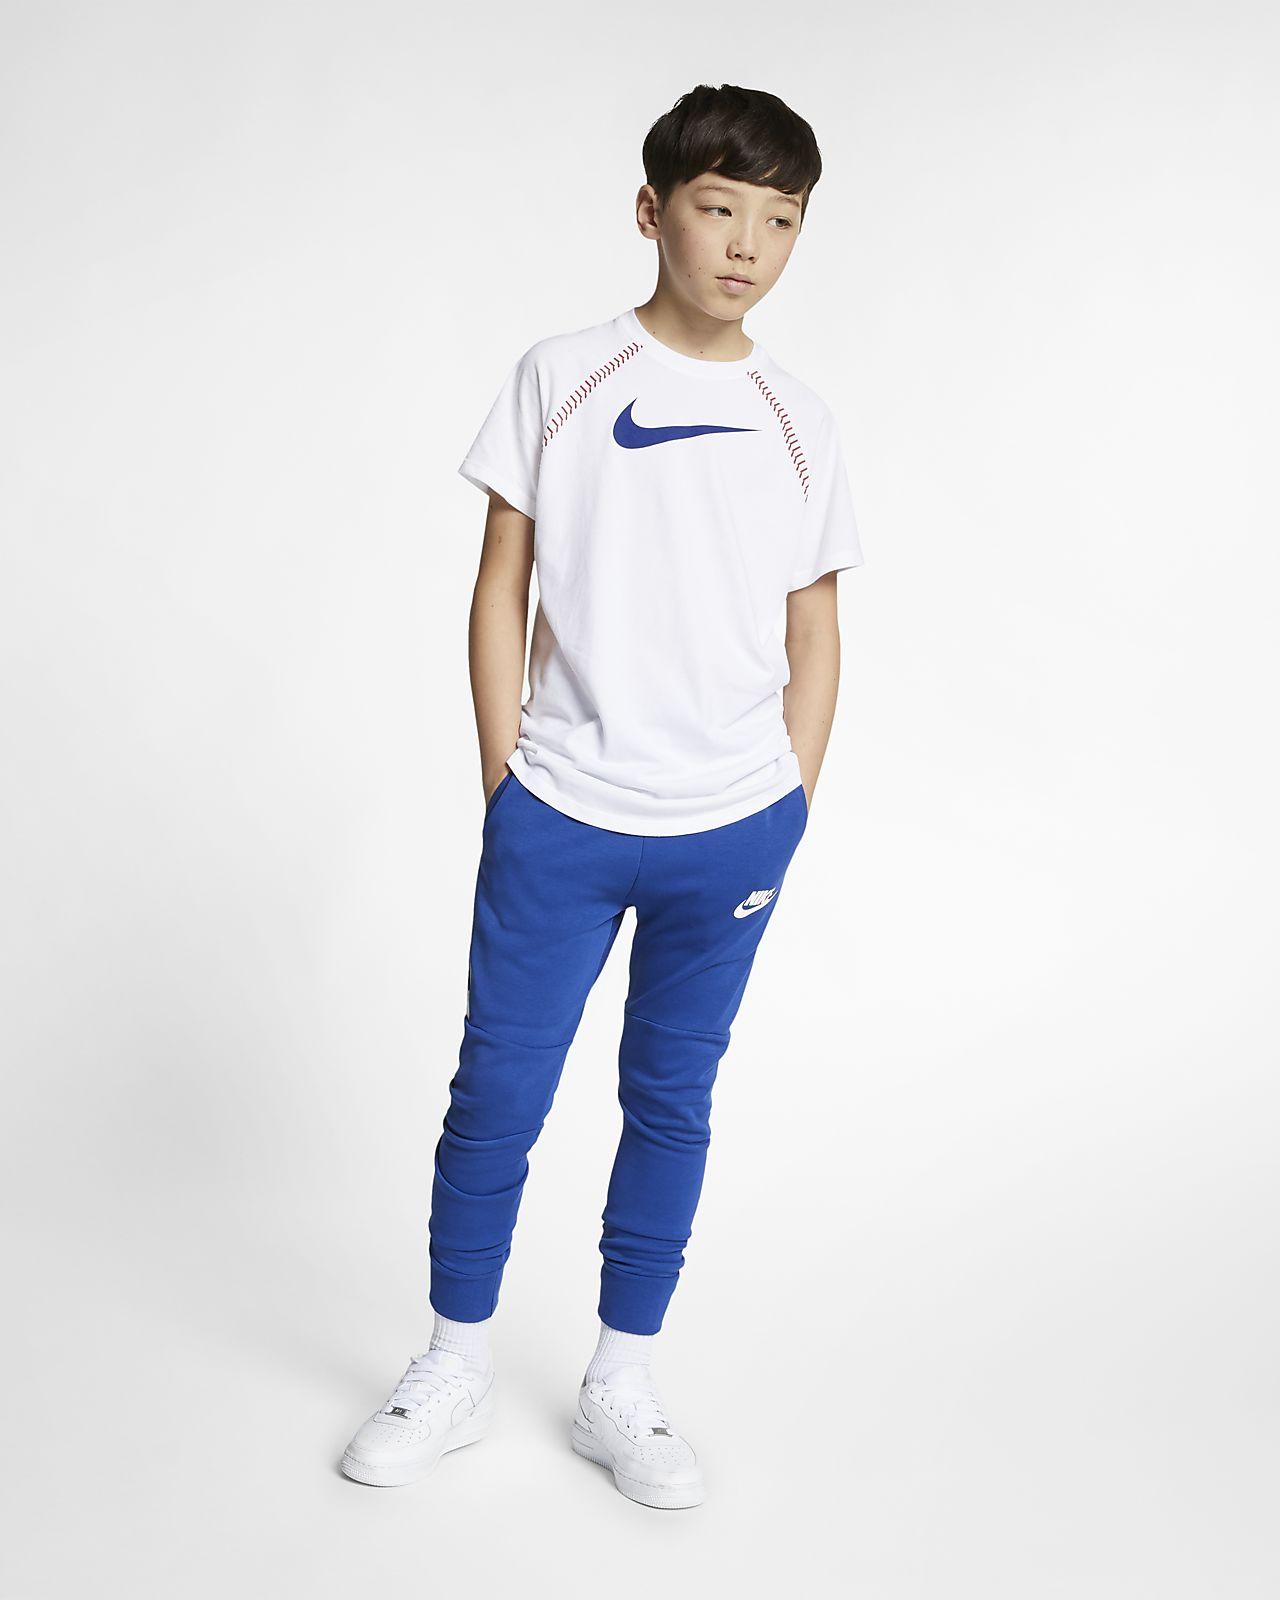 6d12876f62 Nike Dri-FIT Big Kids' Training T-Shirt. Nike.com